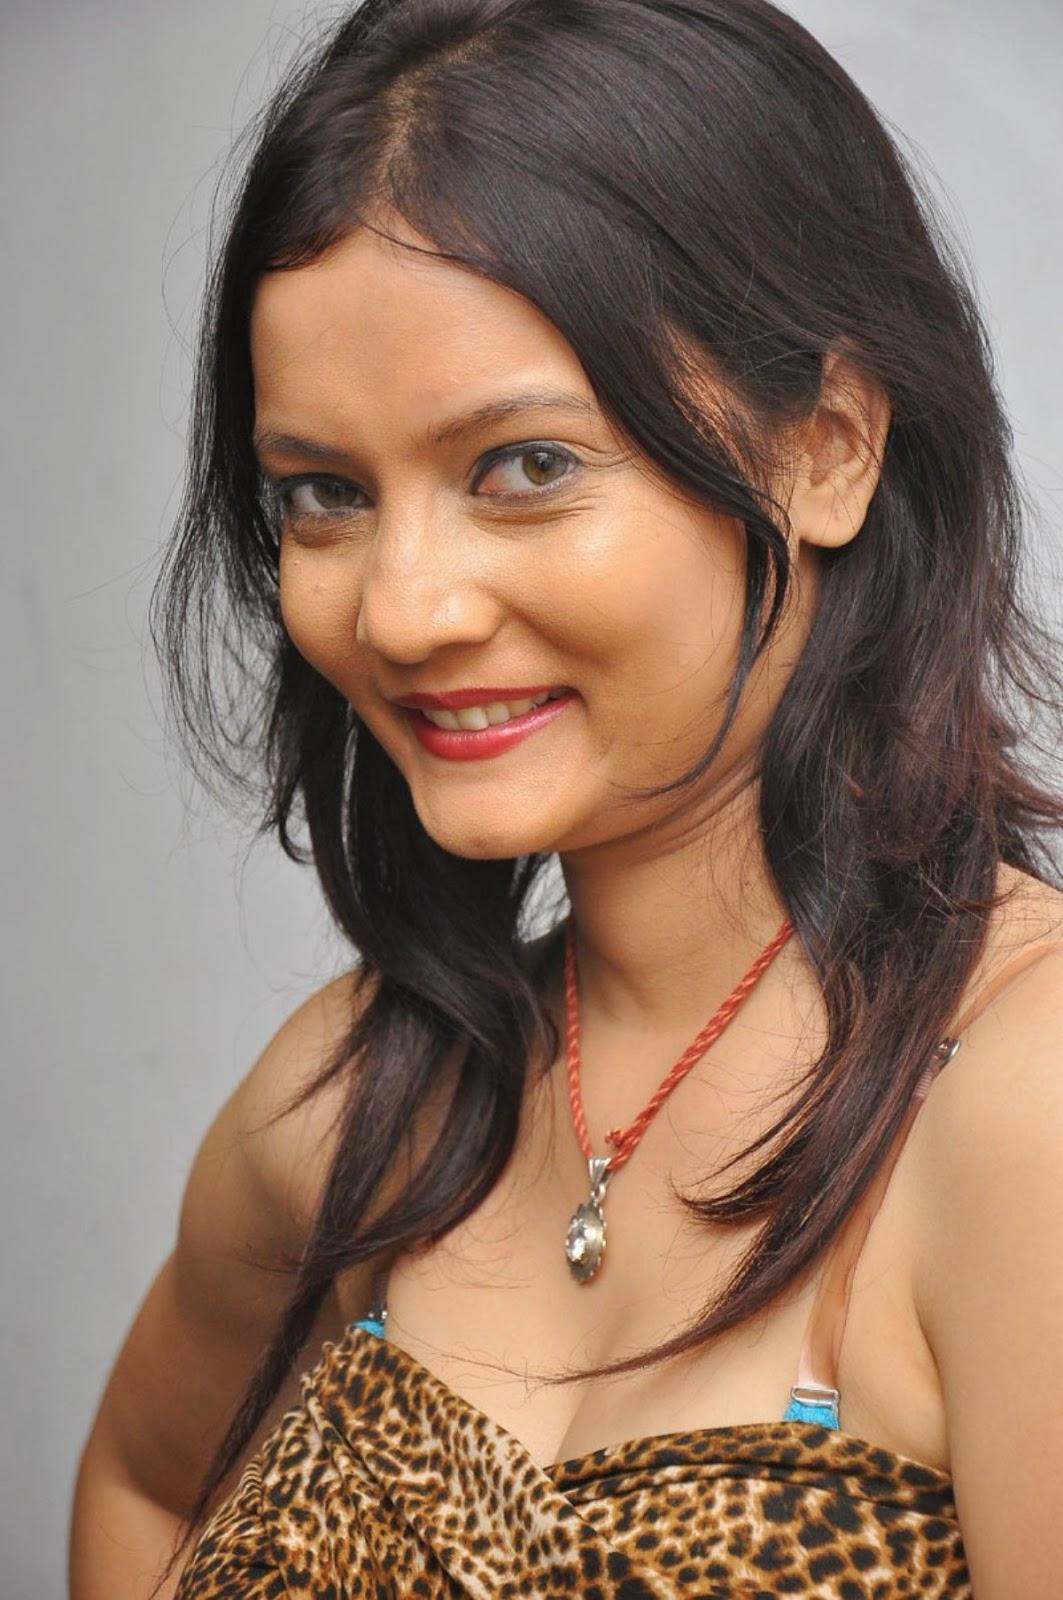 Sanam Latest photos From Maayai Movie - Hot 4 Actress